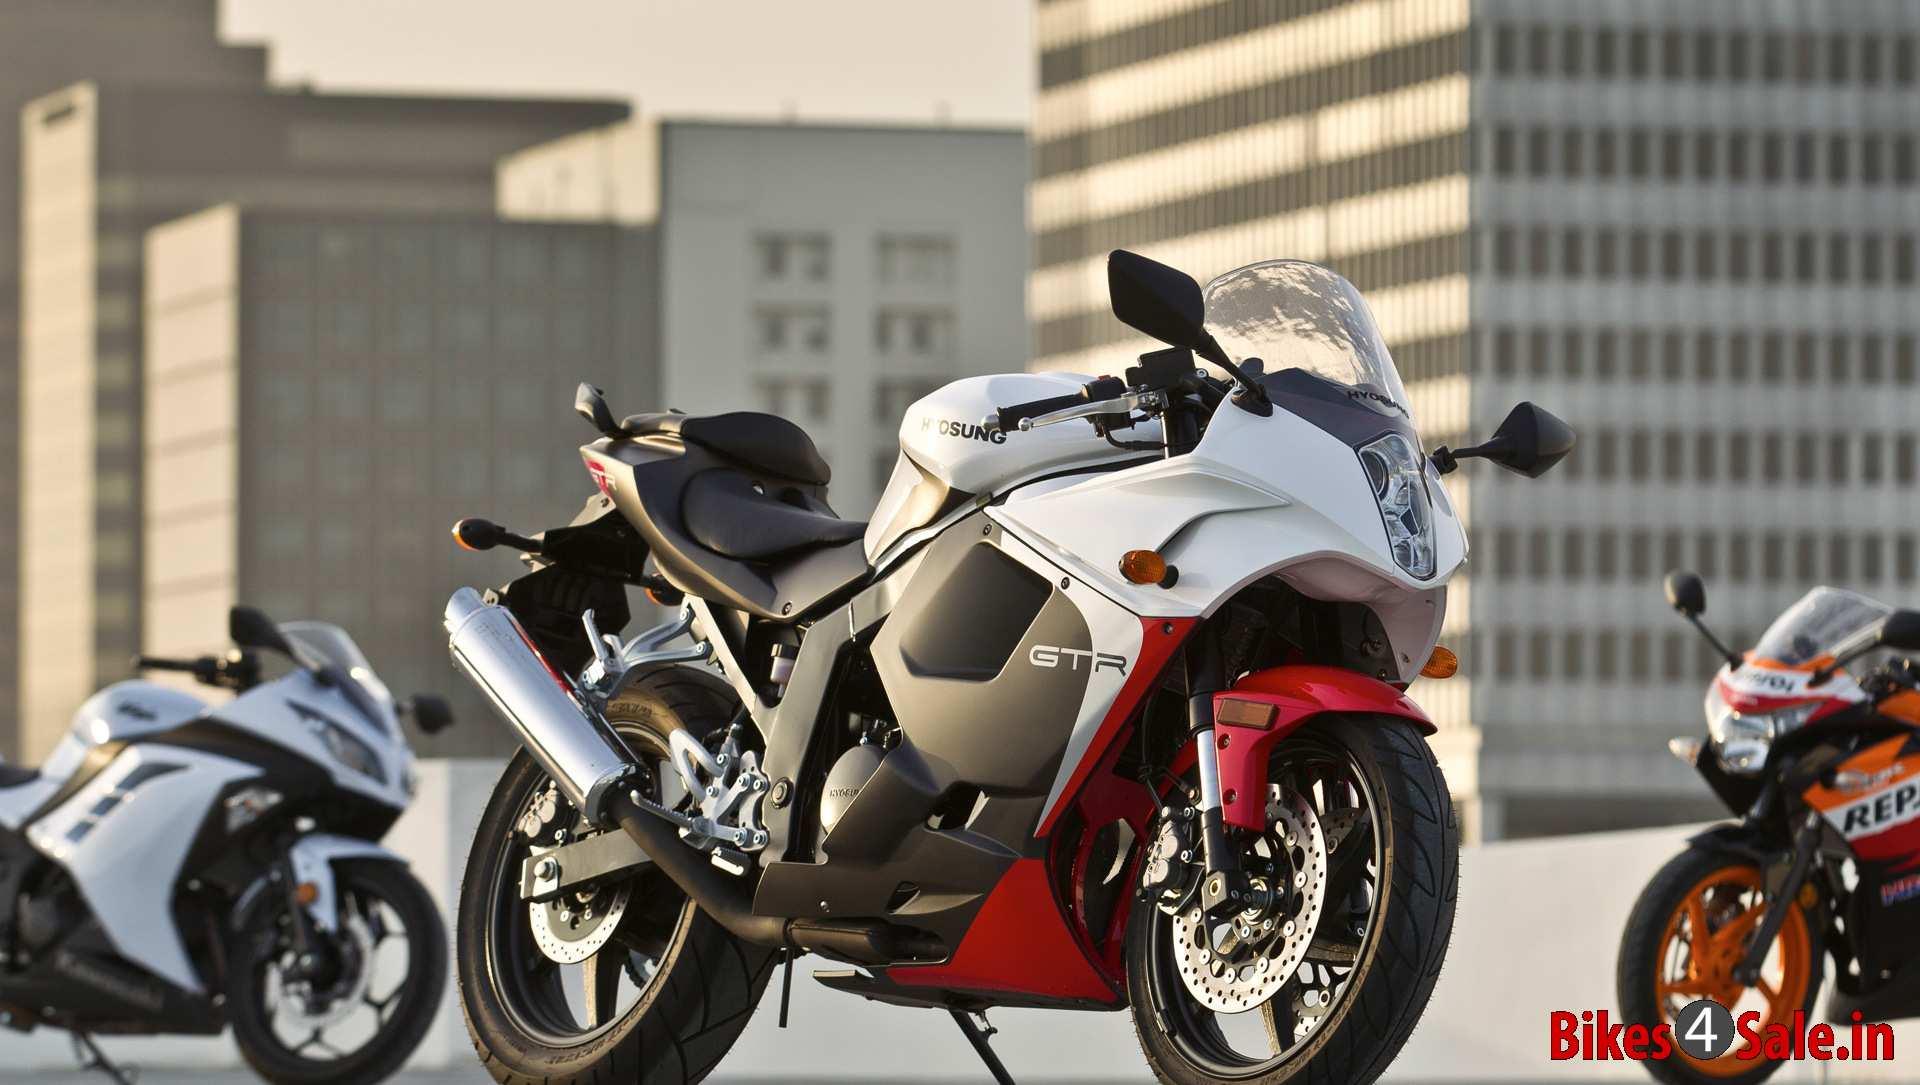 Kawasaki Ninja 300 Vs Honda CBR 250R Vs Hyosung GT250R